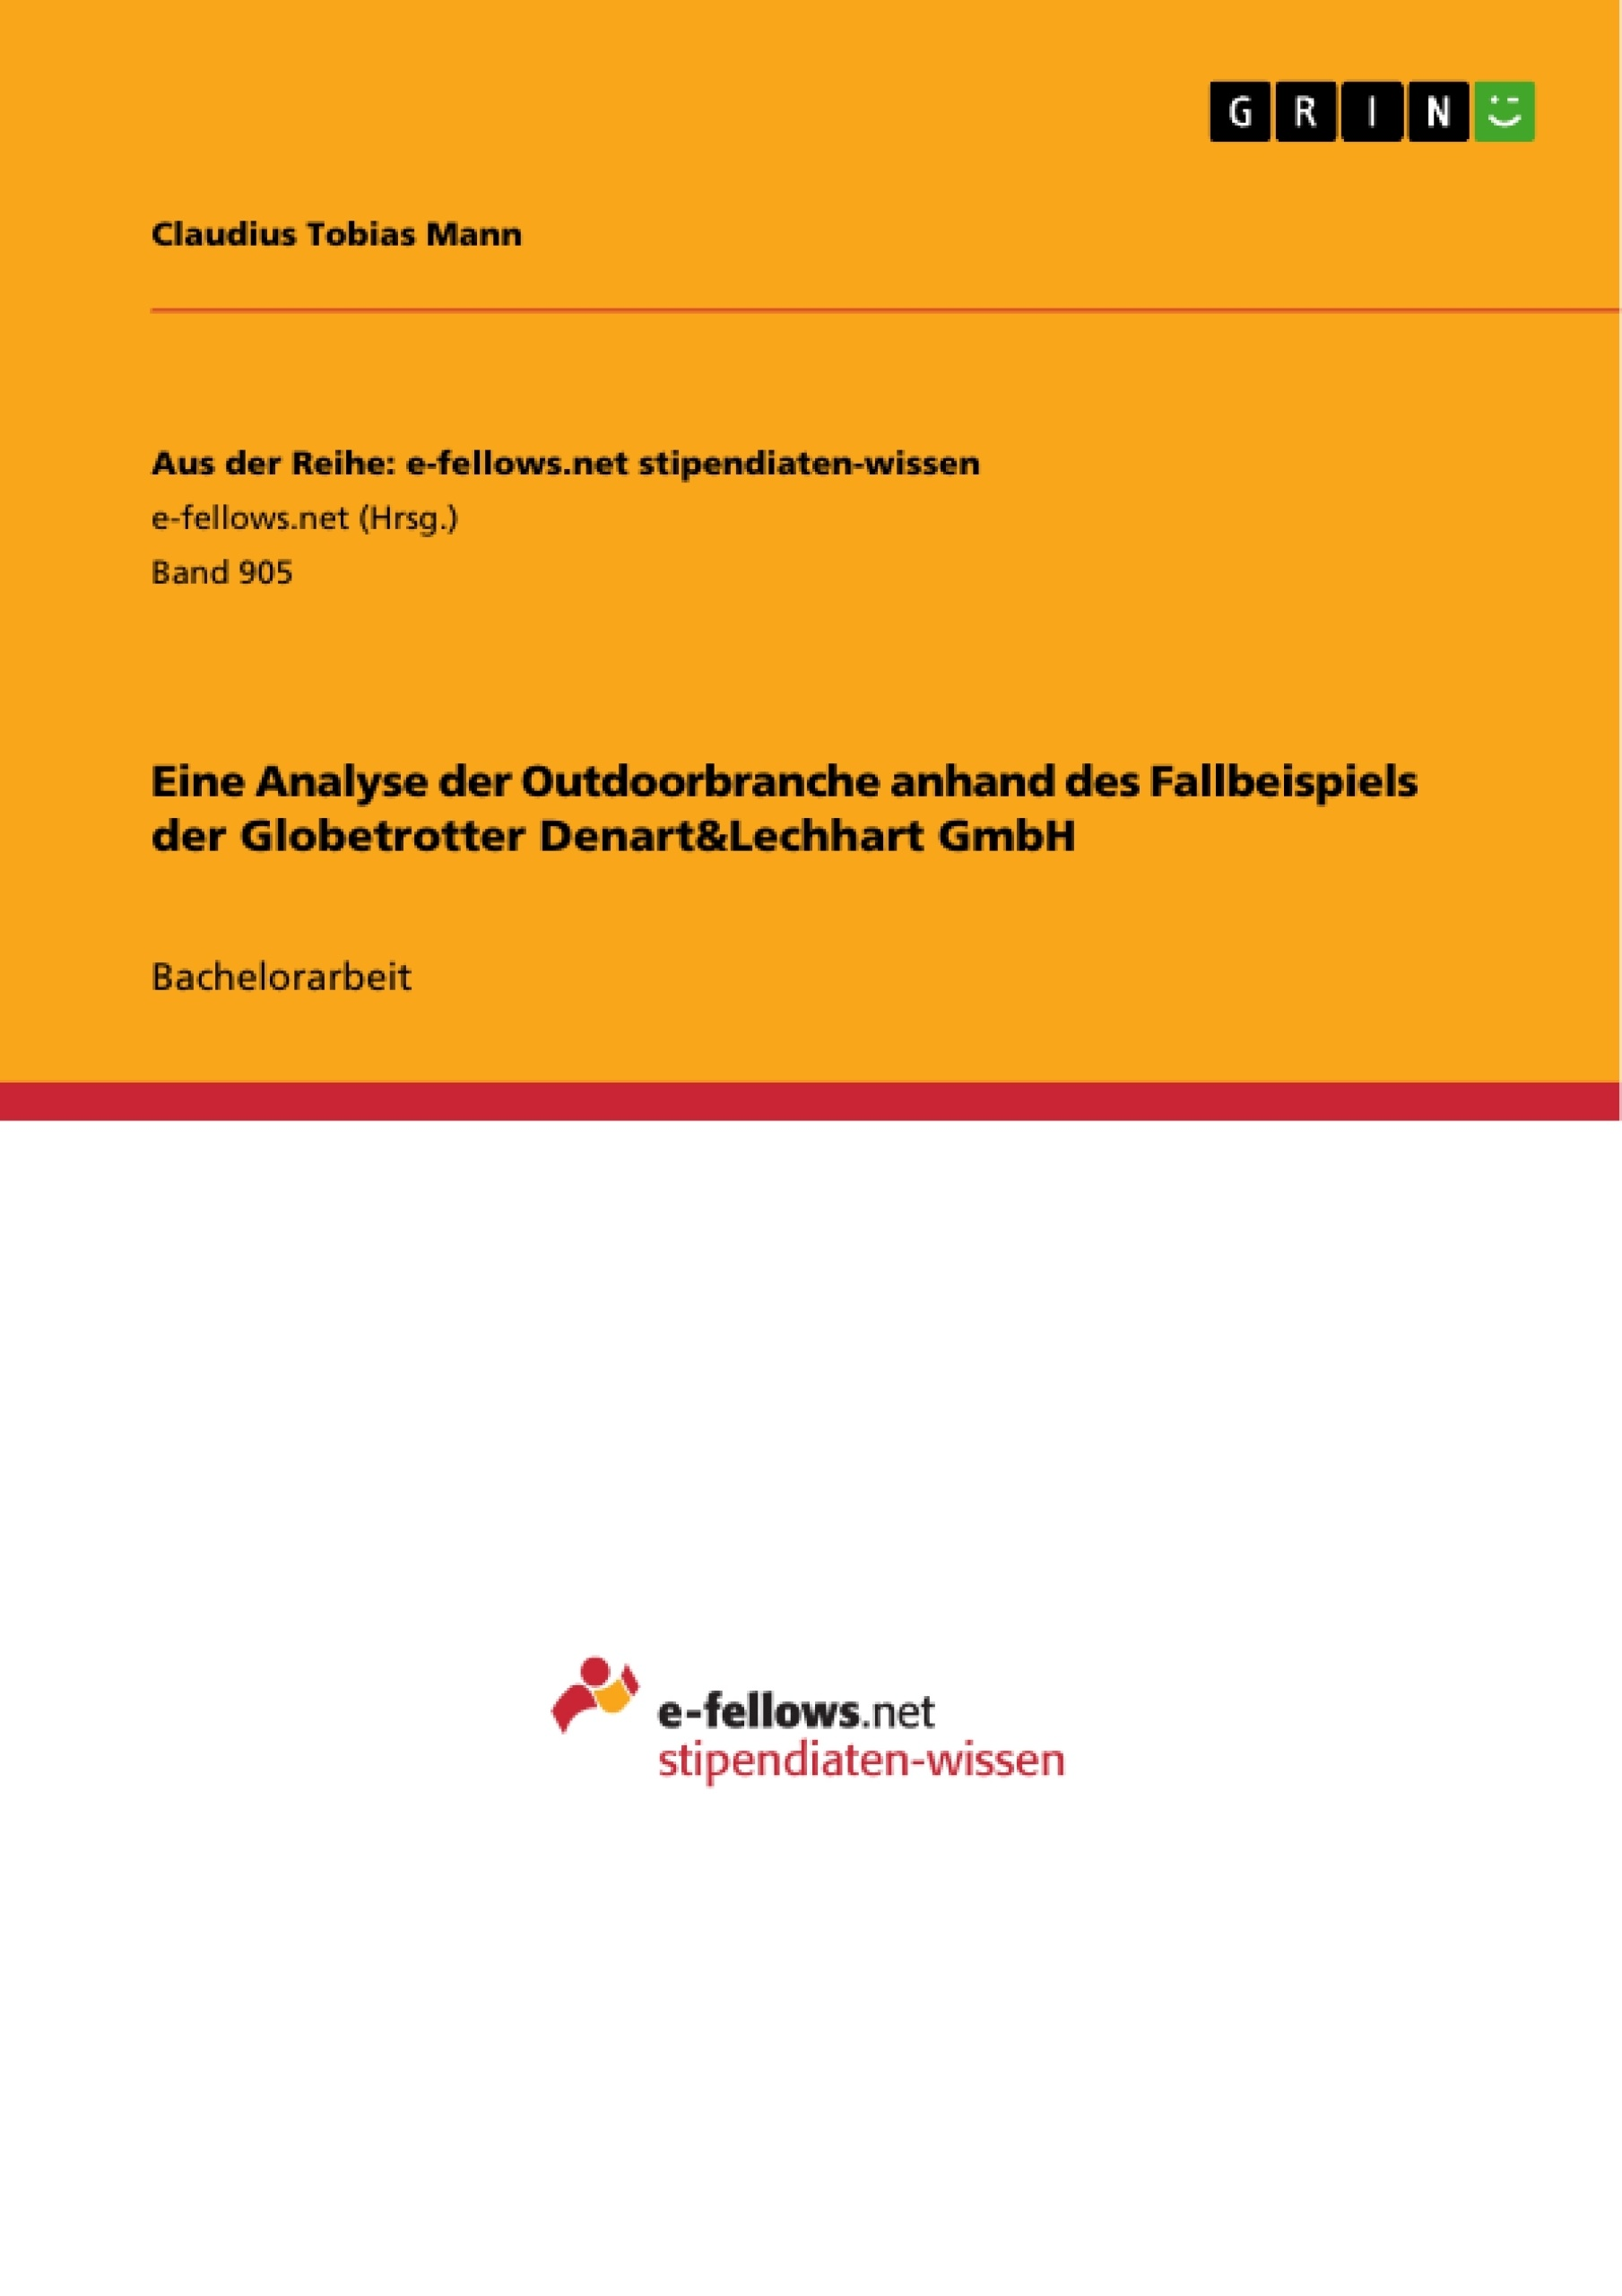 Titel: Eine Analyse der Outdoorbranche anhand des Fallbeispiels der Globetrotter Denart&Lechhart GmbH